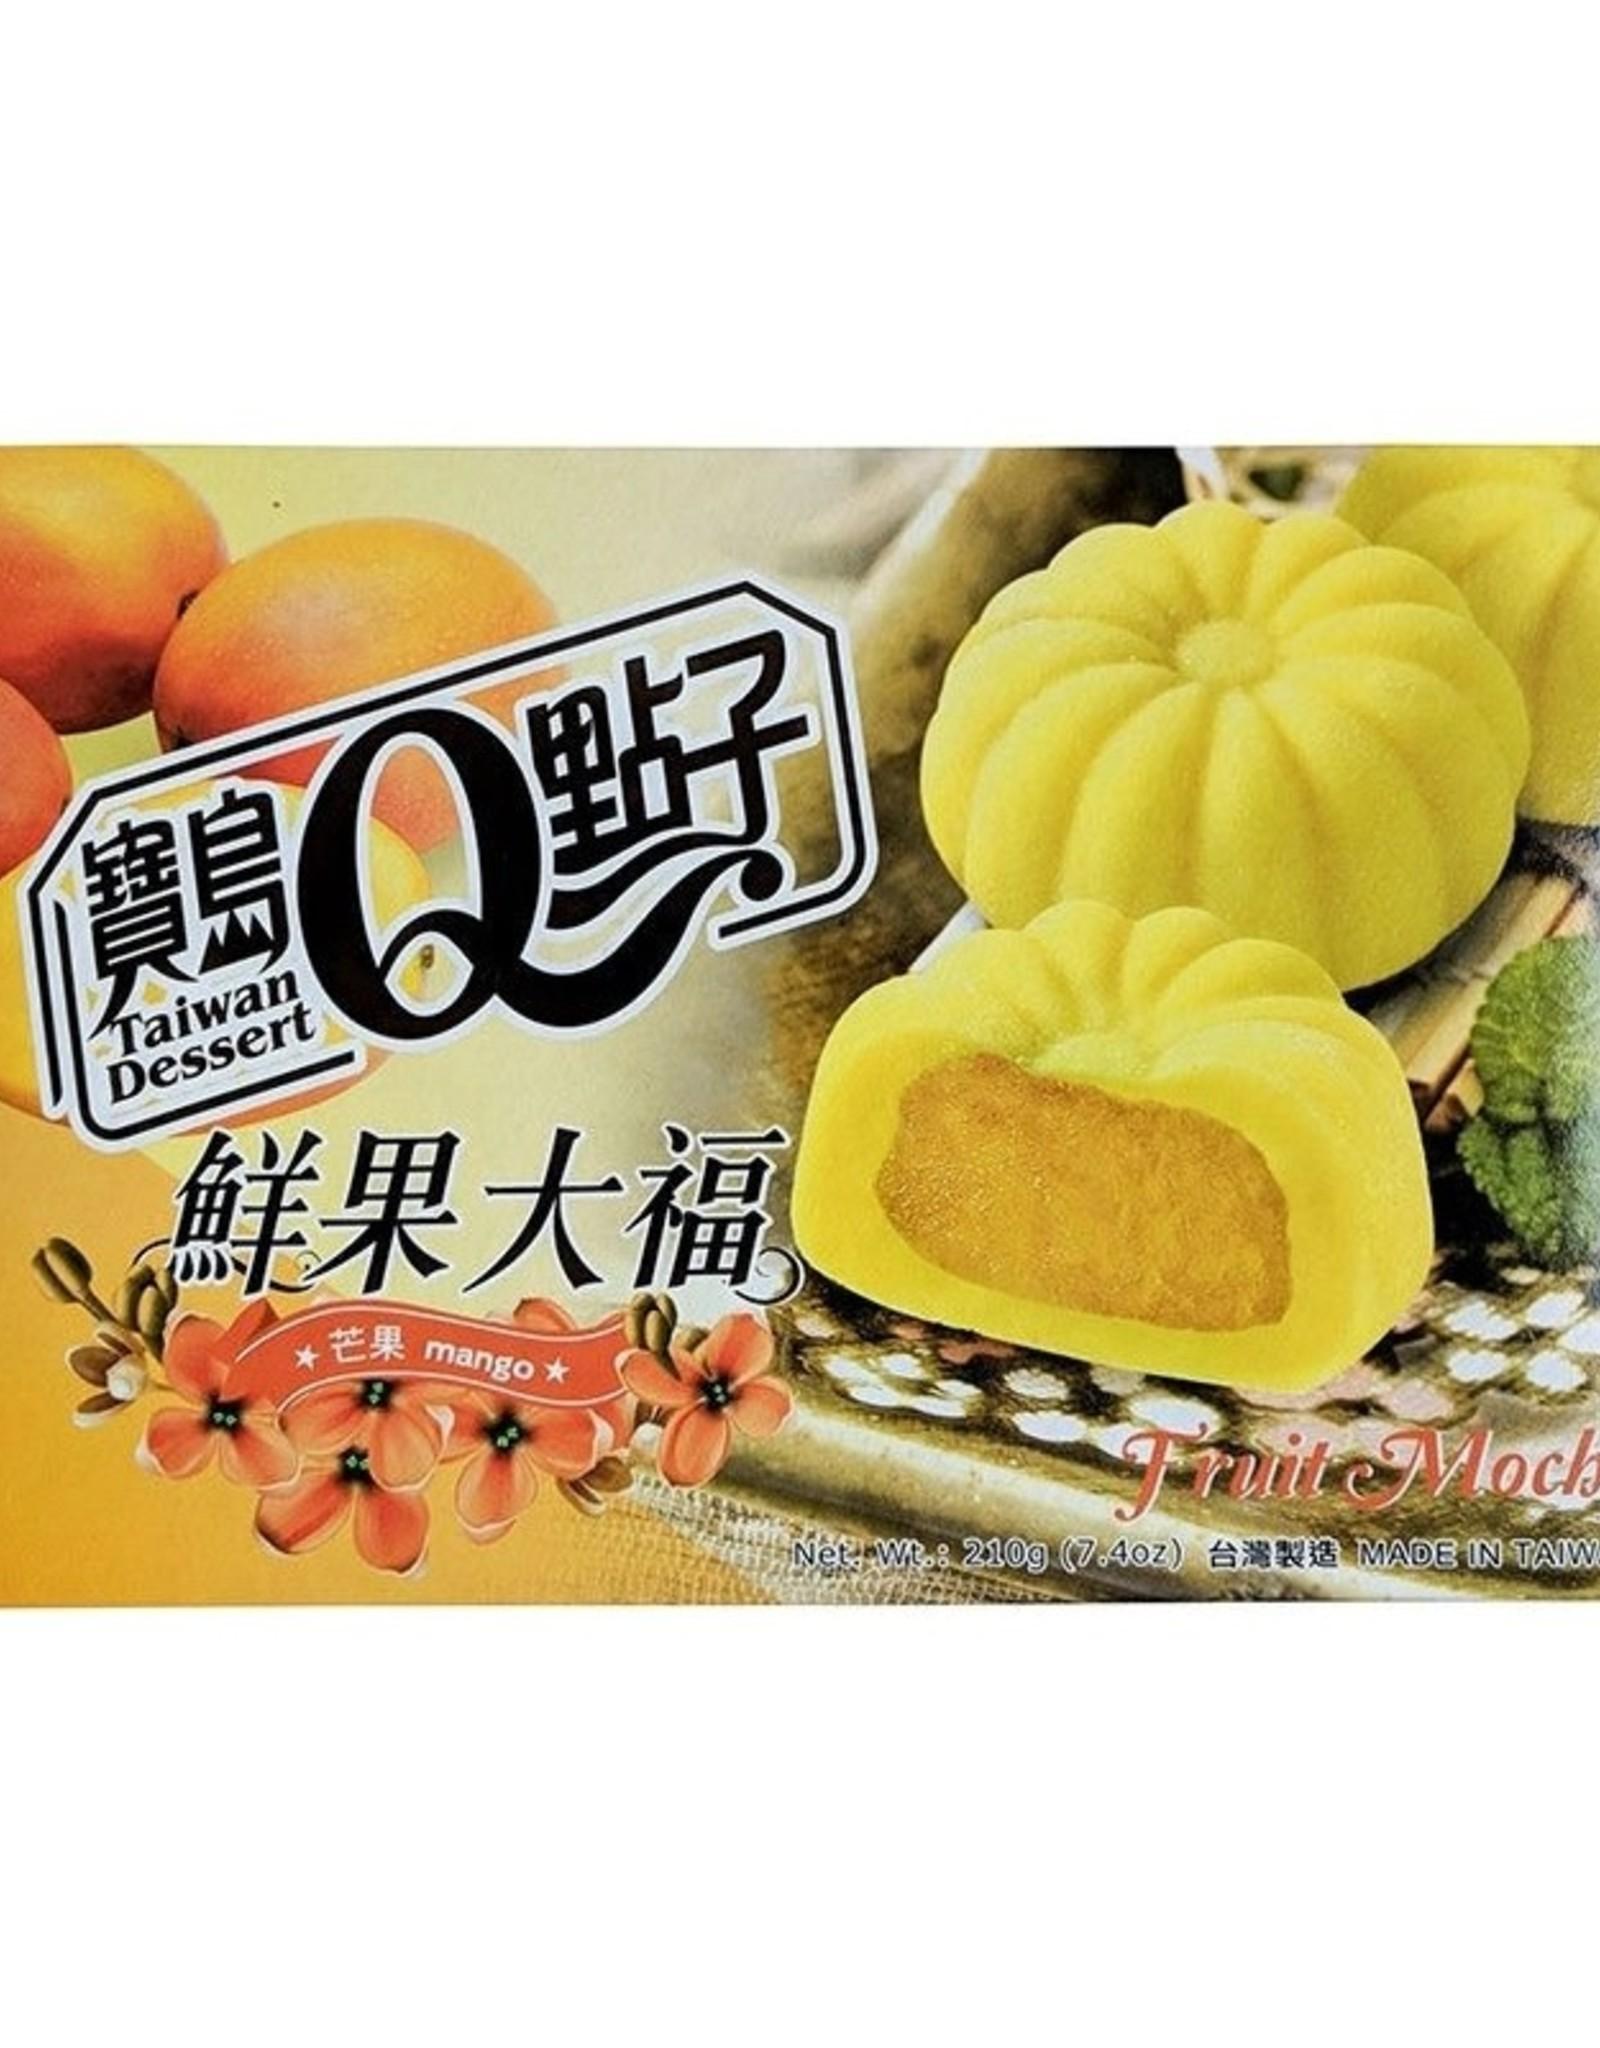 He Fong Fruit Mochi Mango 210g